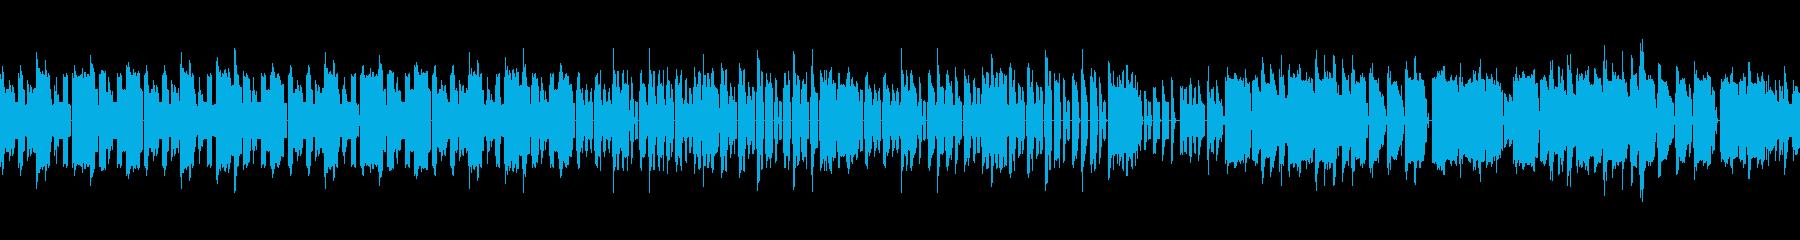 8bitのレトロで軽快なゲームBGMの再生済みの波形